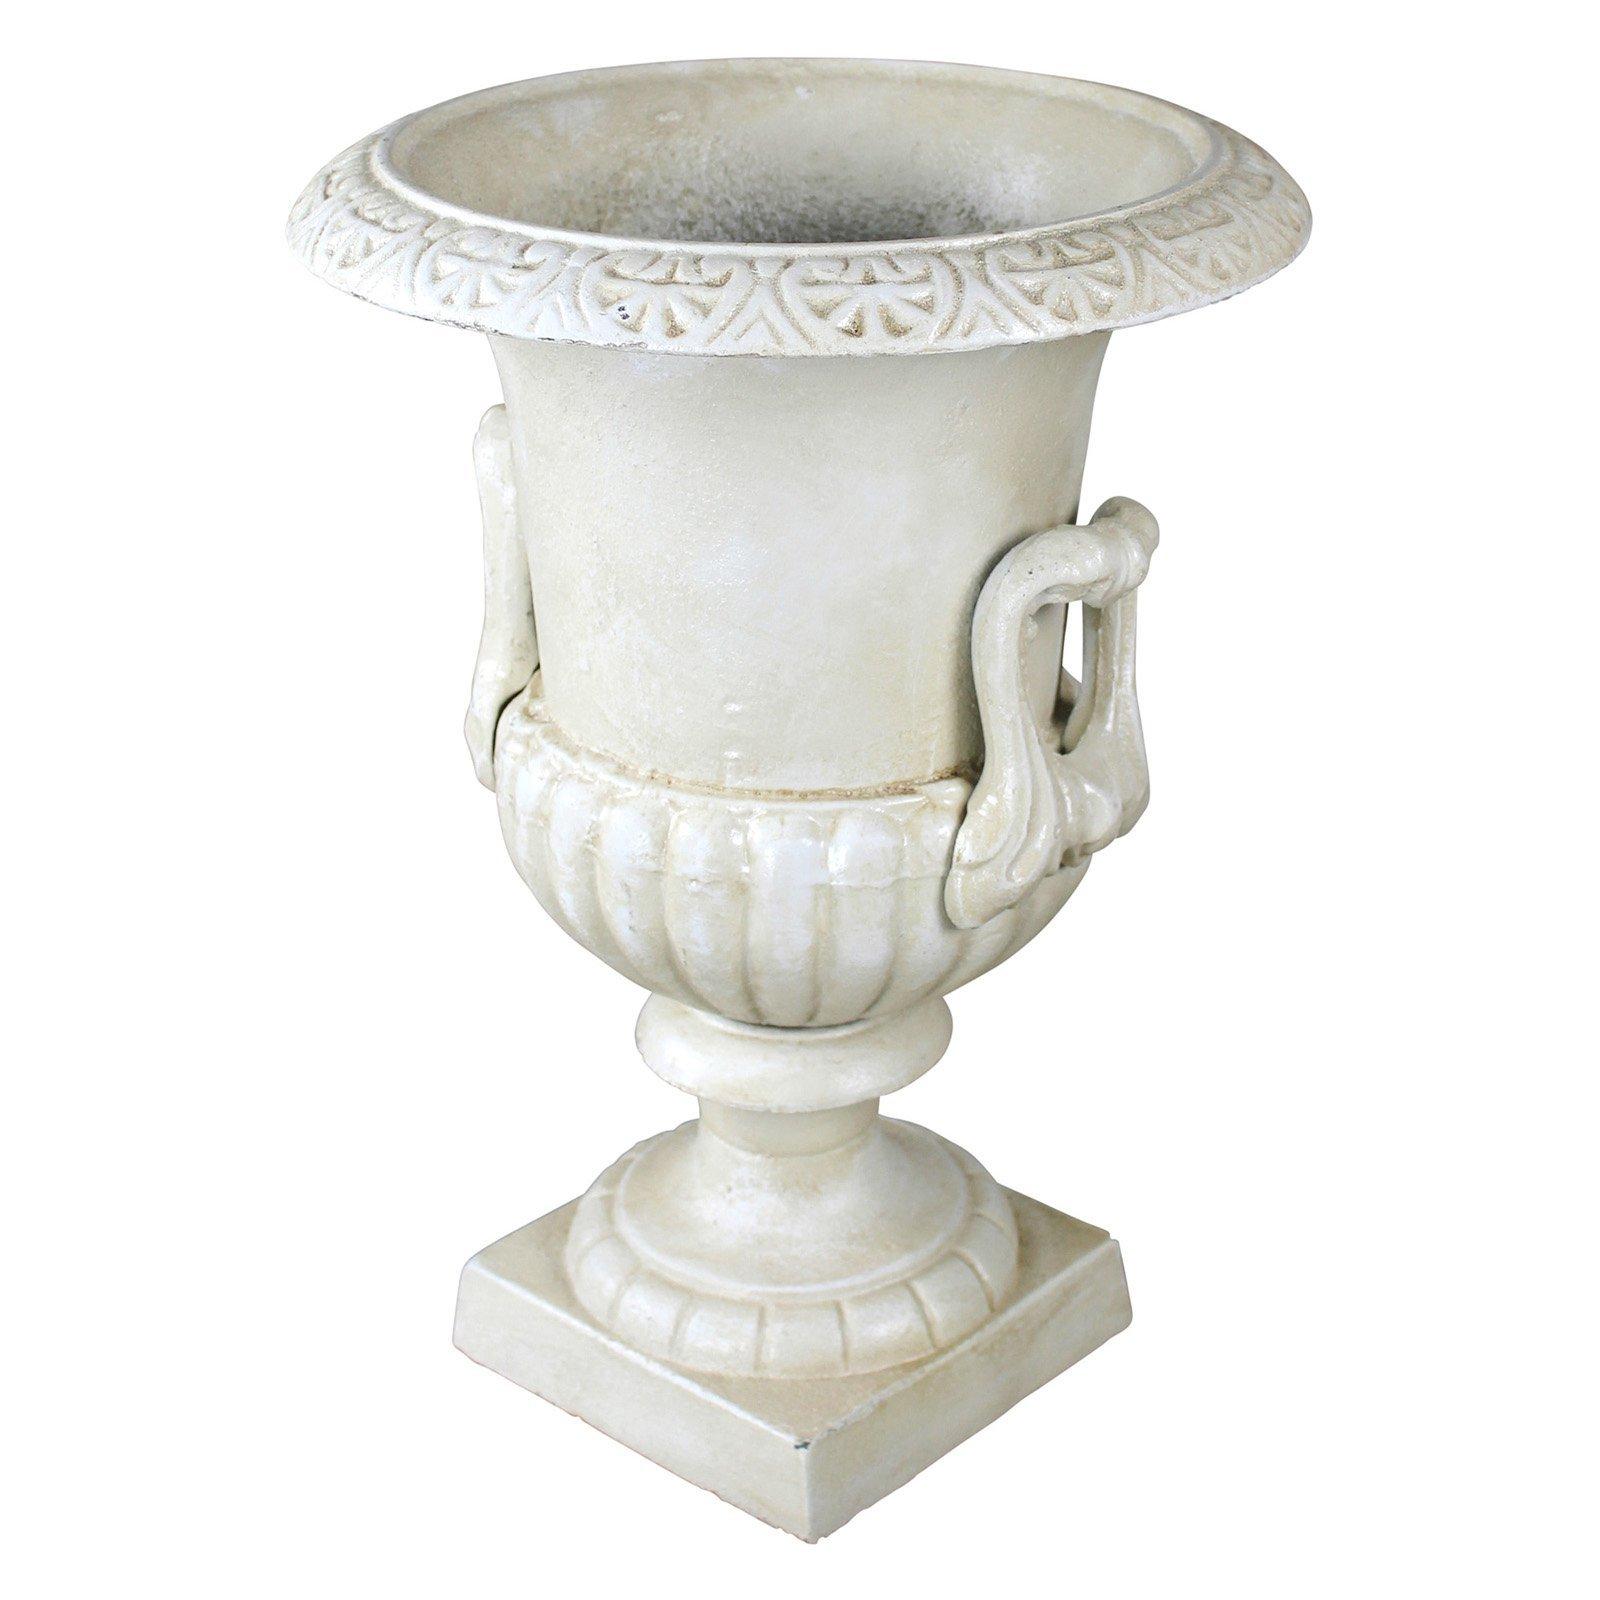 Design Toscano Chateau Elaine Authentic Iron Urn - Medium by Design Toscano (Image #2)